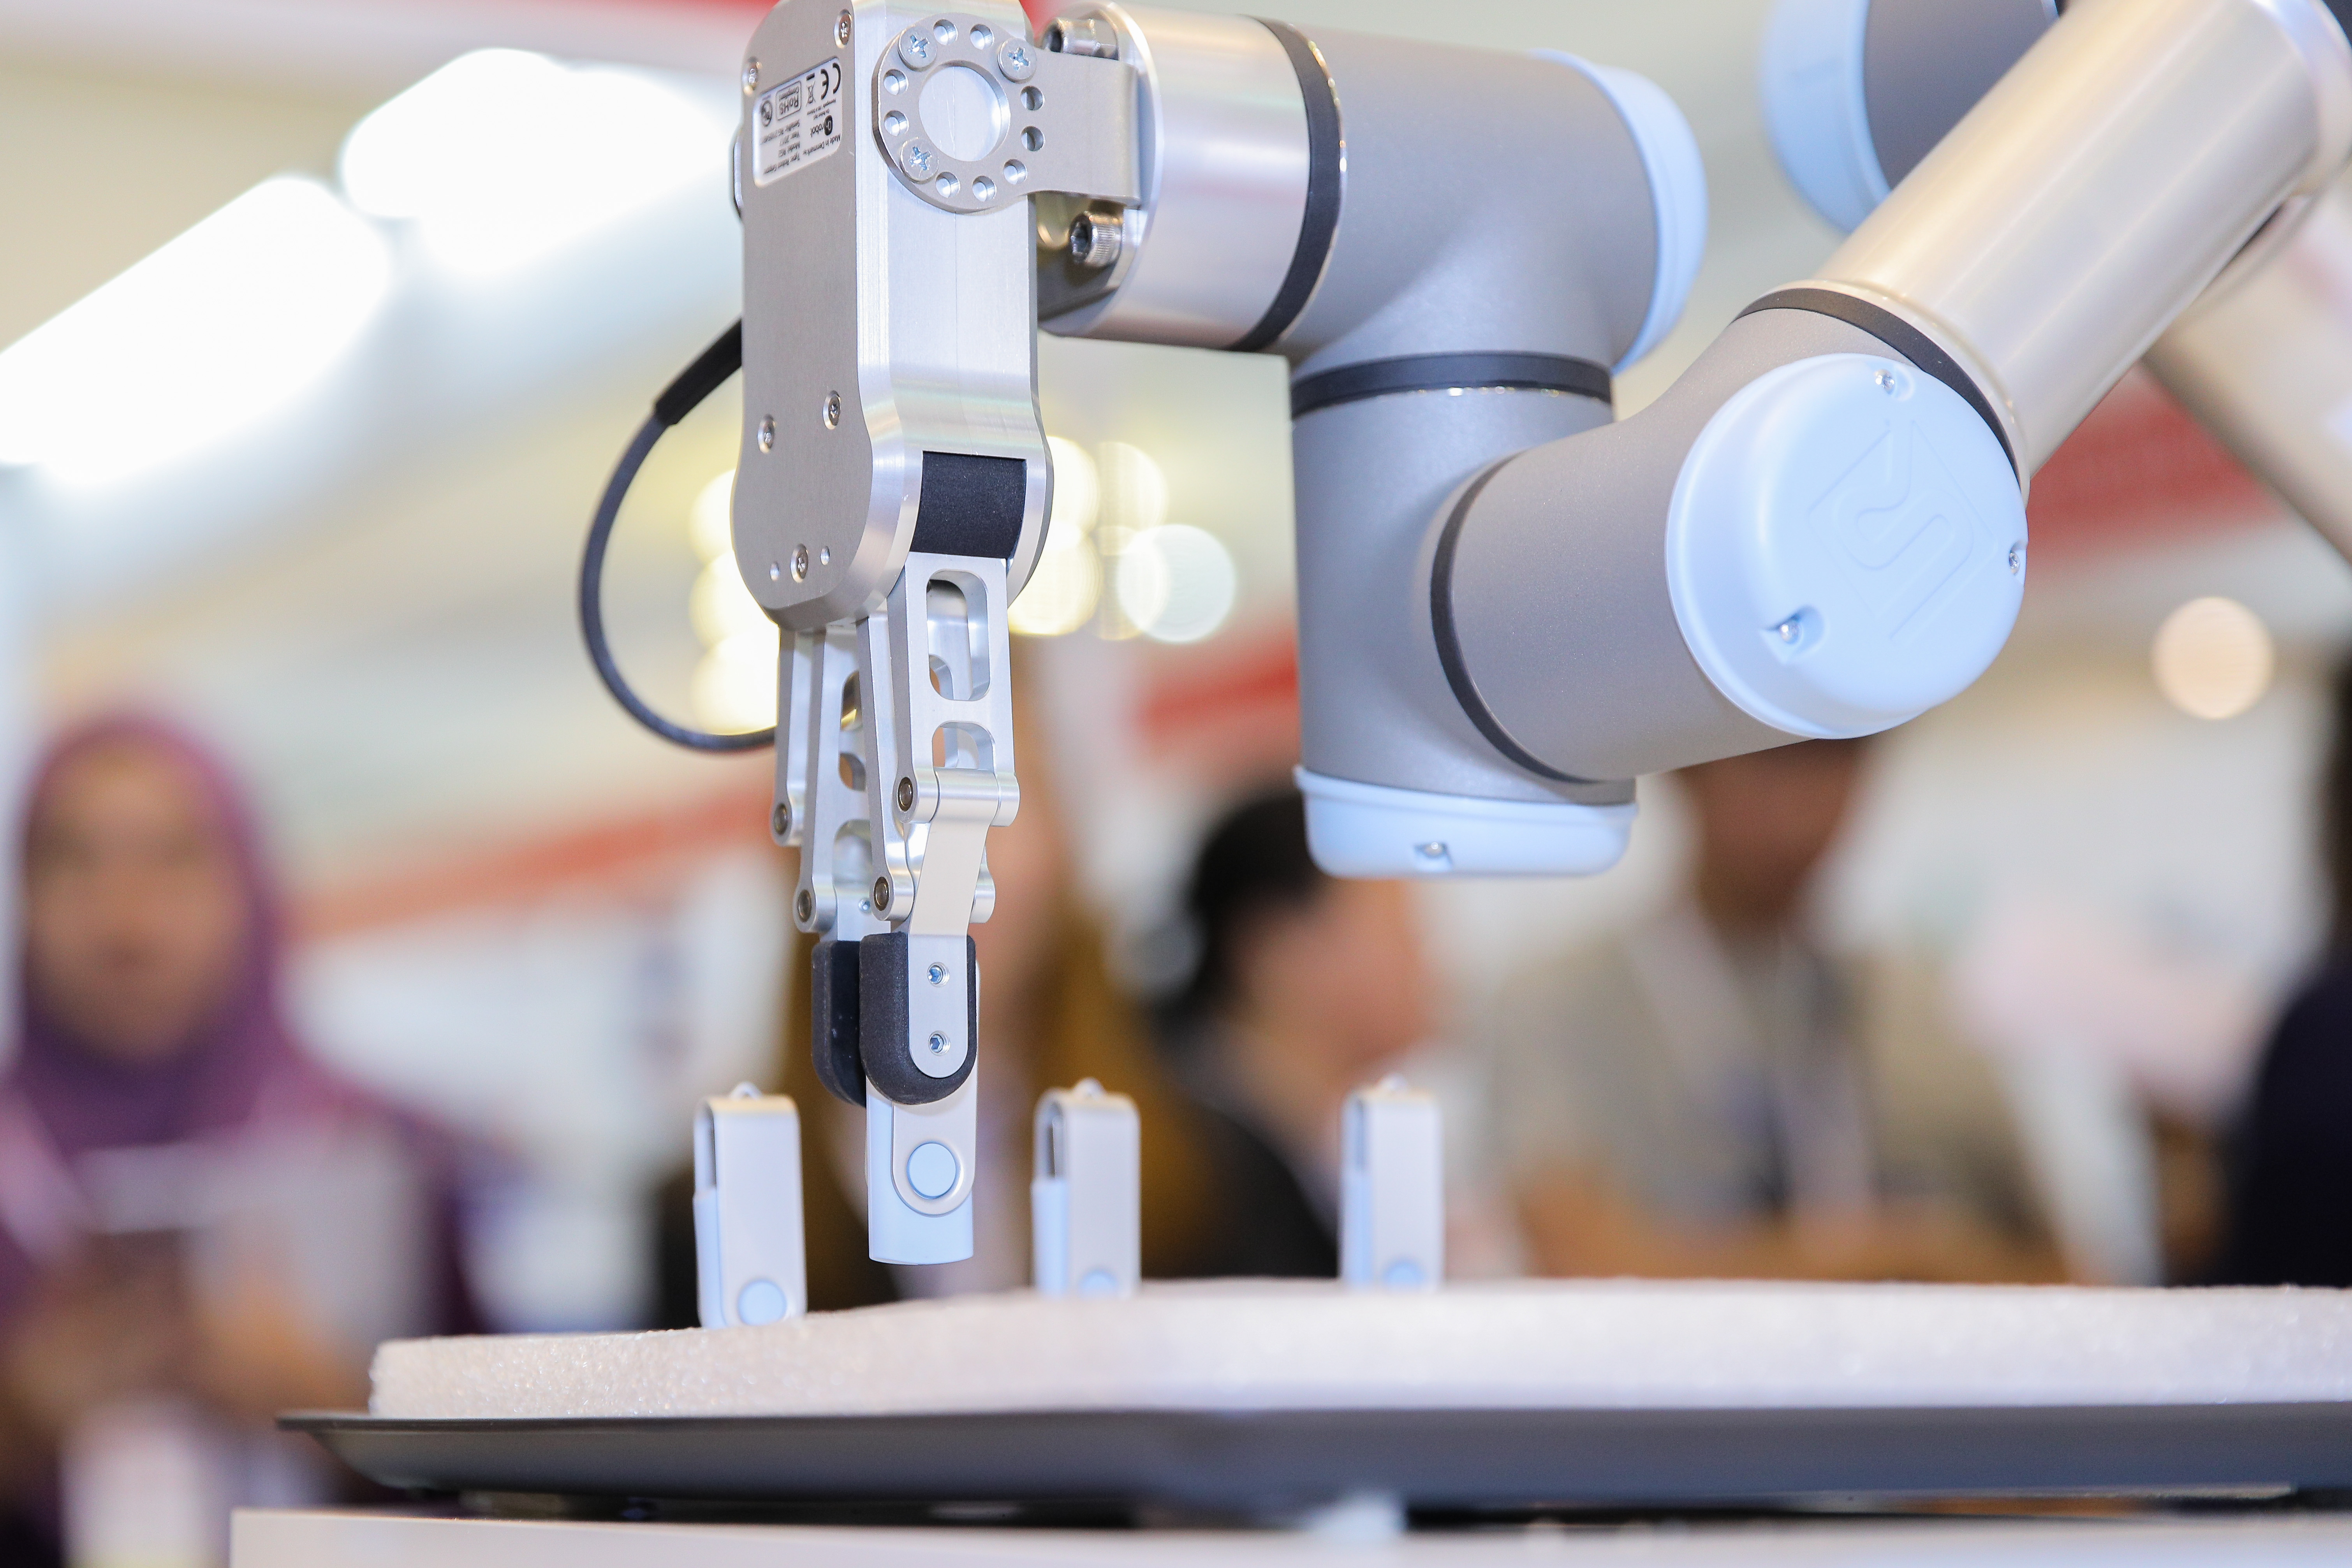 The Raise Of S̶k̶y̶n̶e̶t̶ Robot Automation By Universal